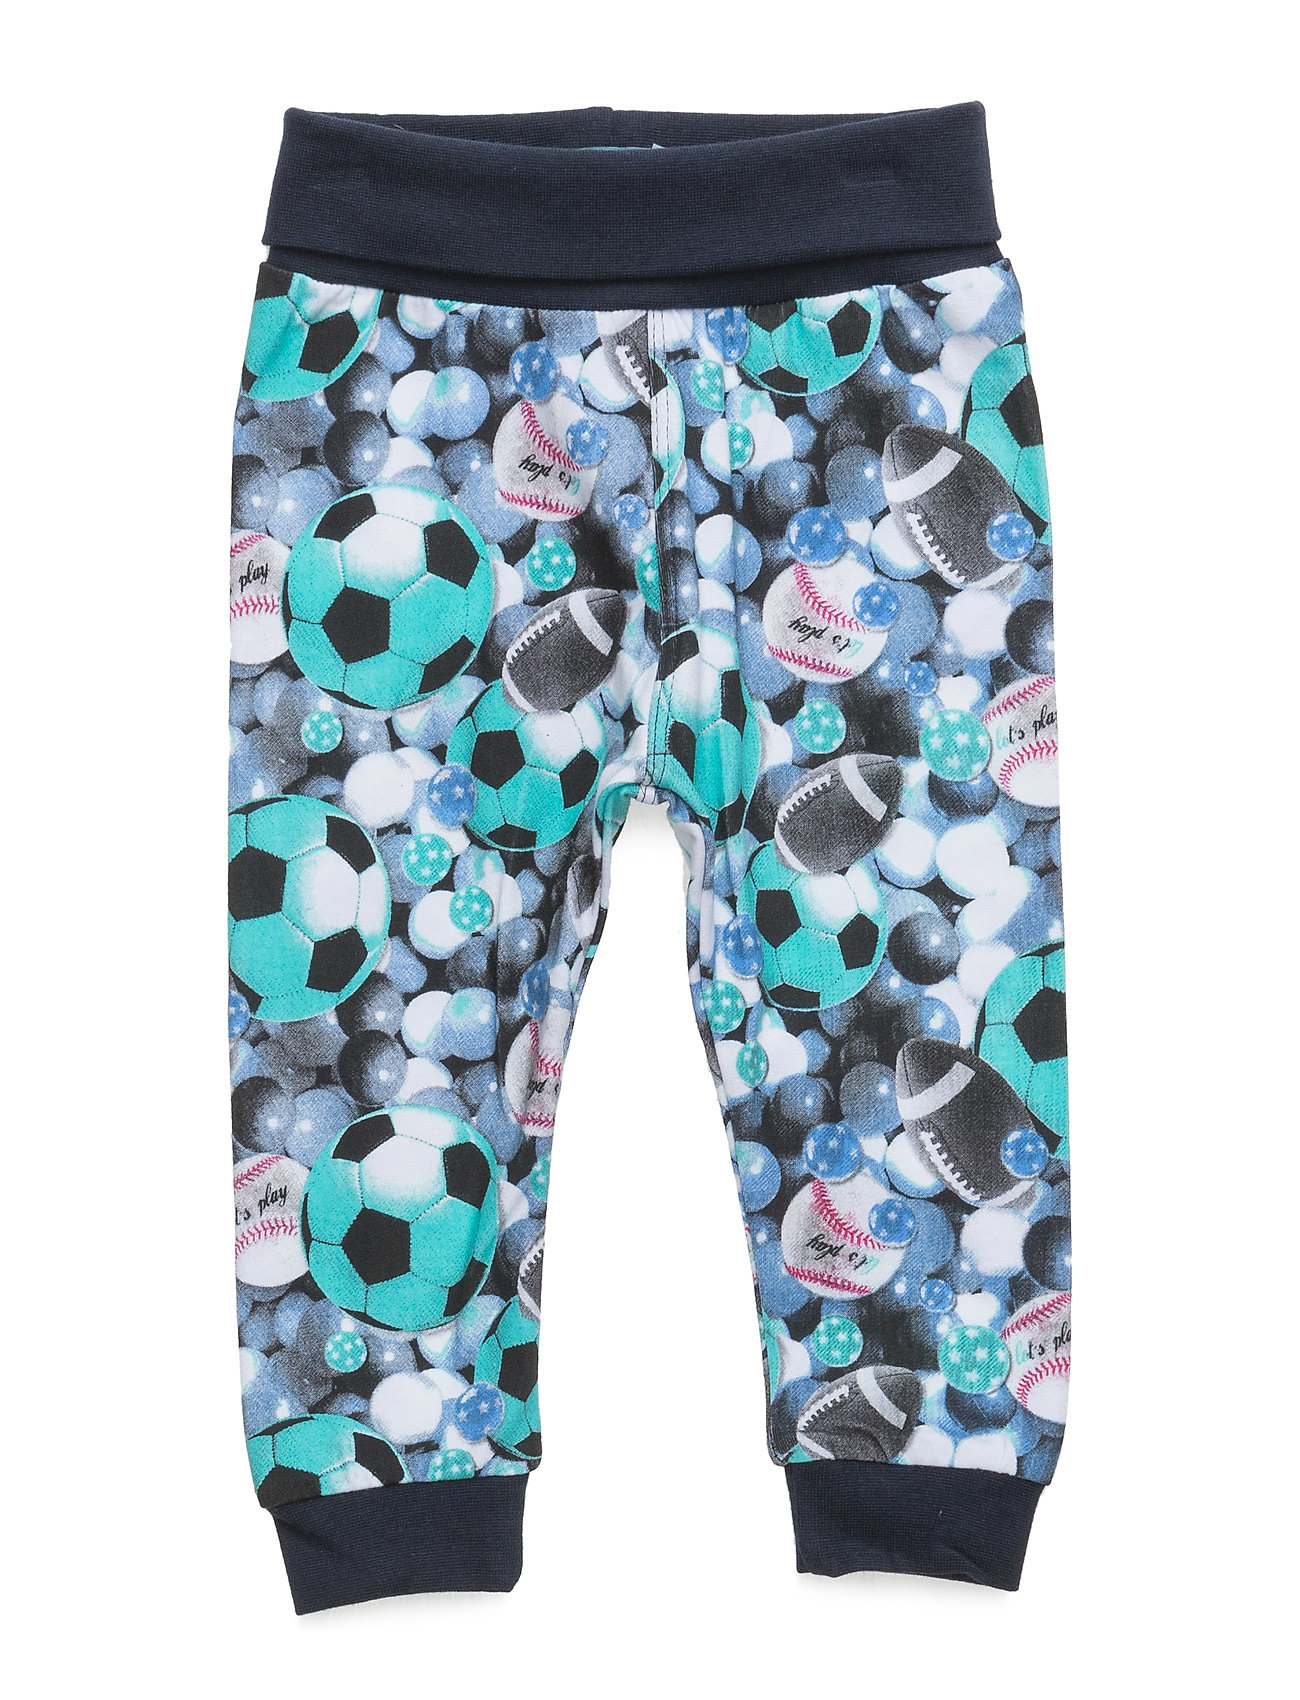 Kin 257 -Pants MeToo Bukser til Drenge i